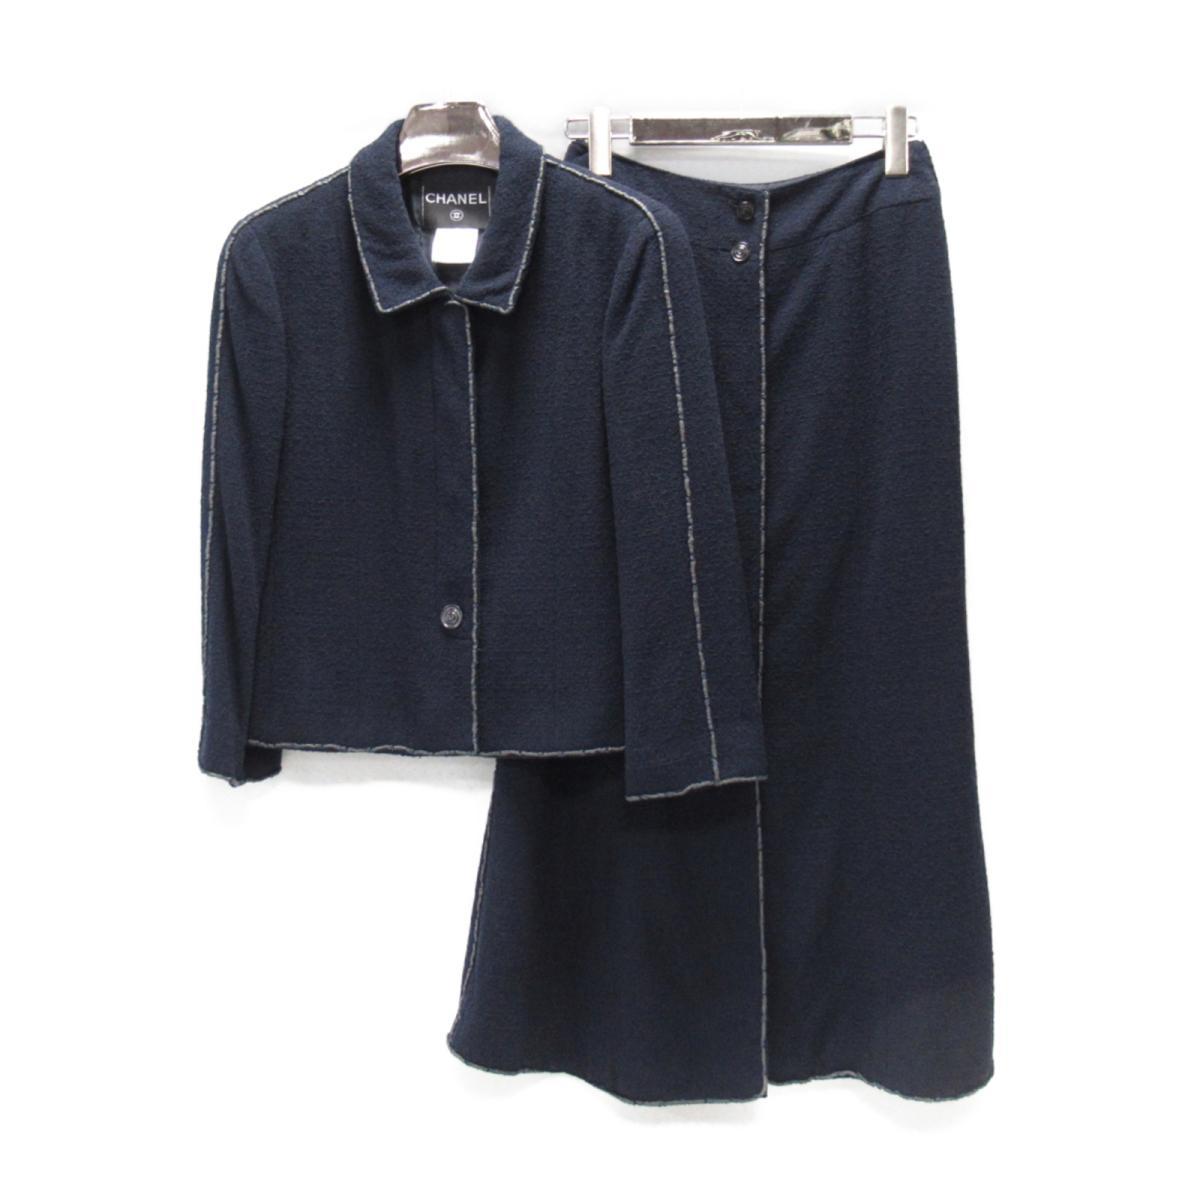 【中古】 シャネル セットアップ レディース ウール (85%) x ナイロン (15%) ネイビー | CHANEL BRANDOFF ブランドオフ 衣料品 衣類 ブランド